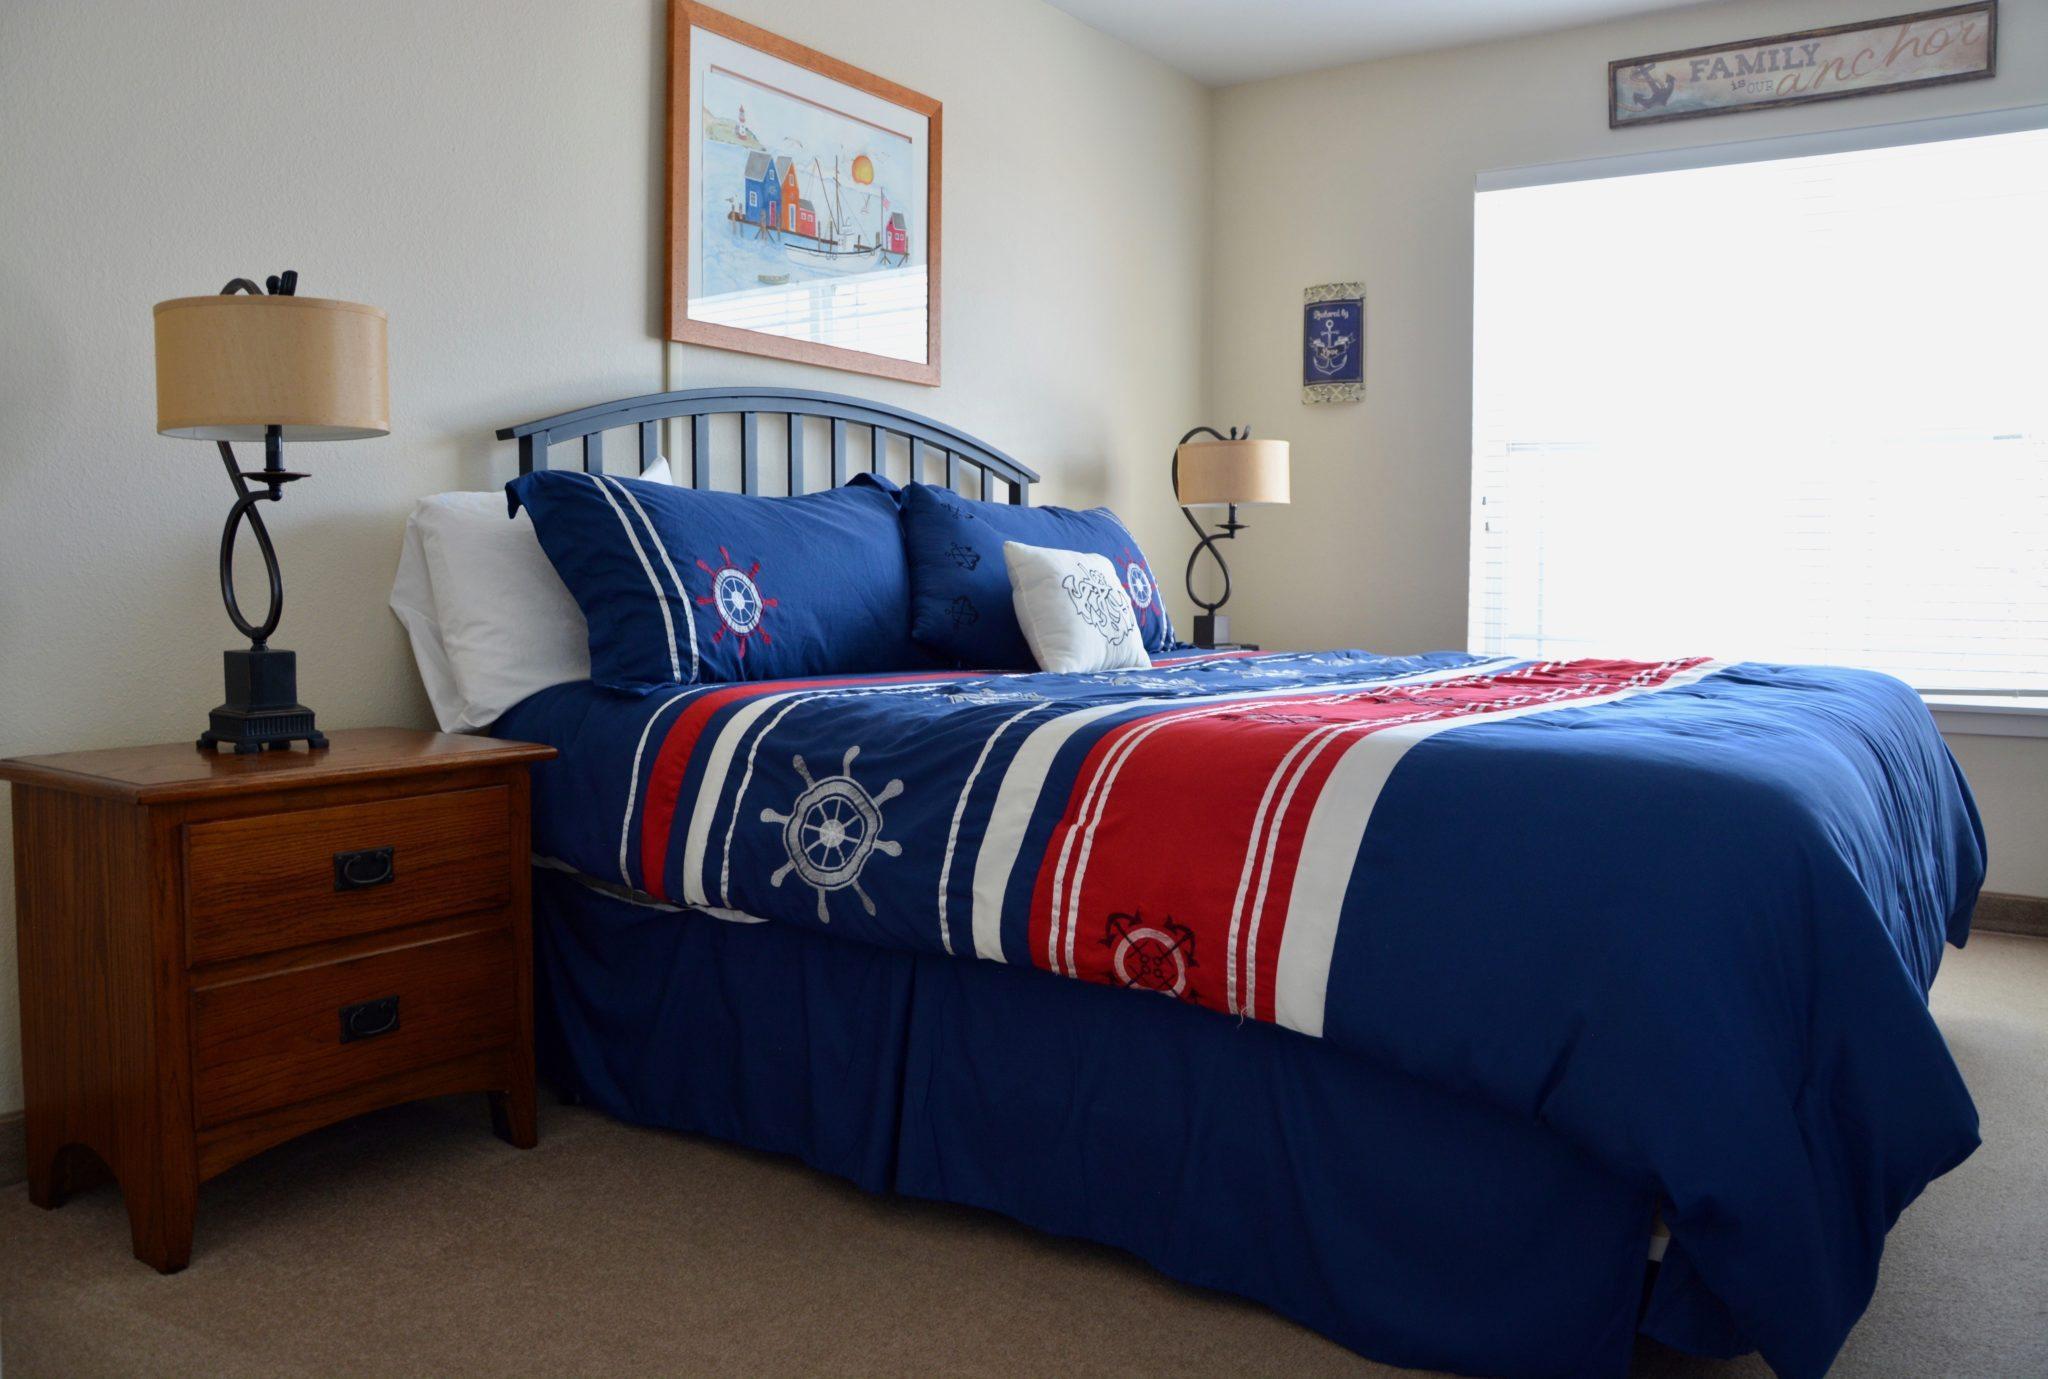 Two Bedroom - Queen/Queen Lakeview